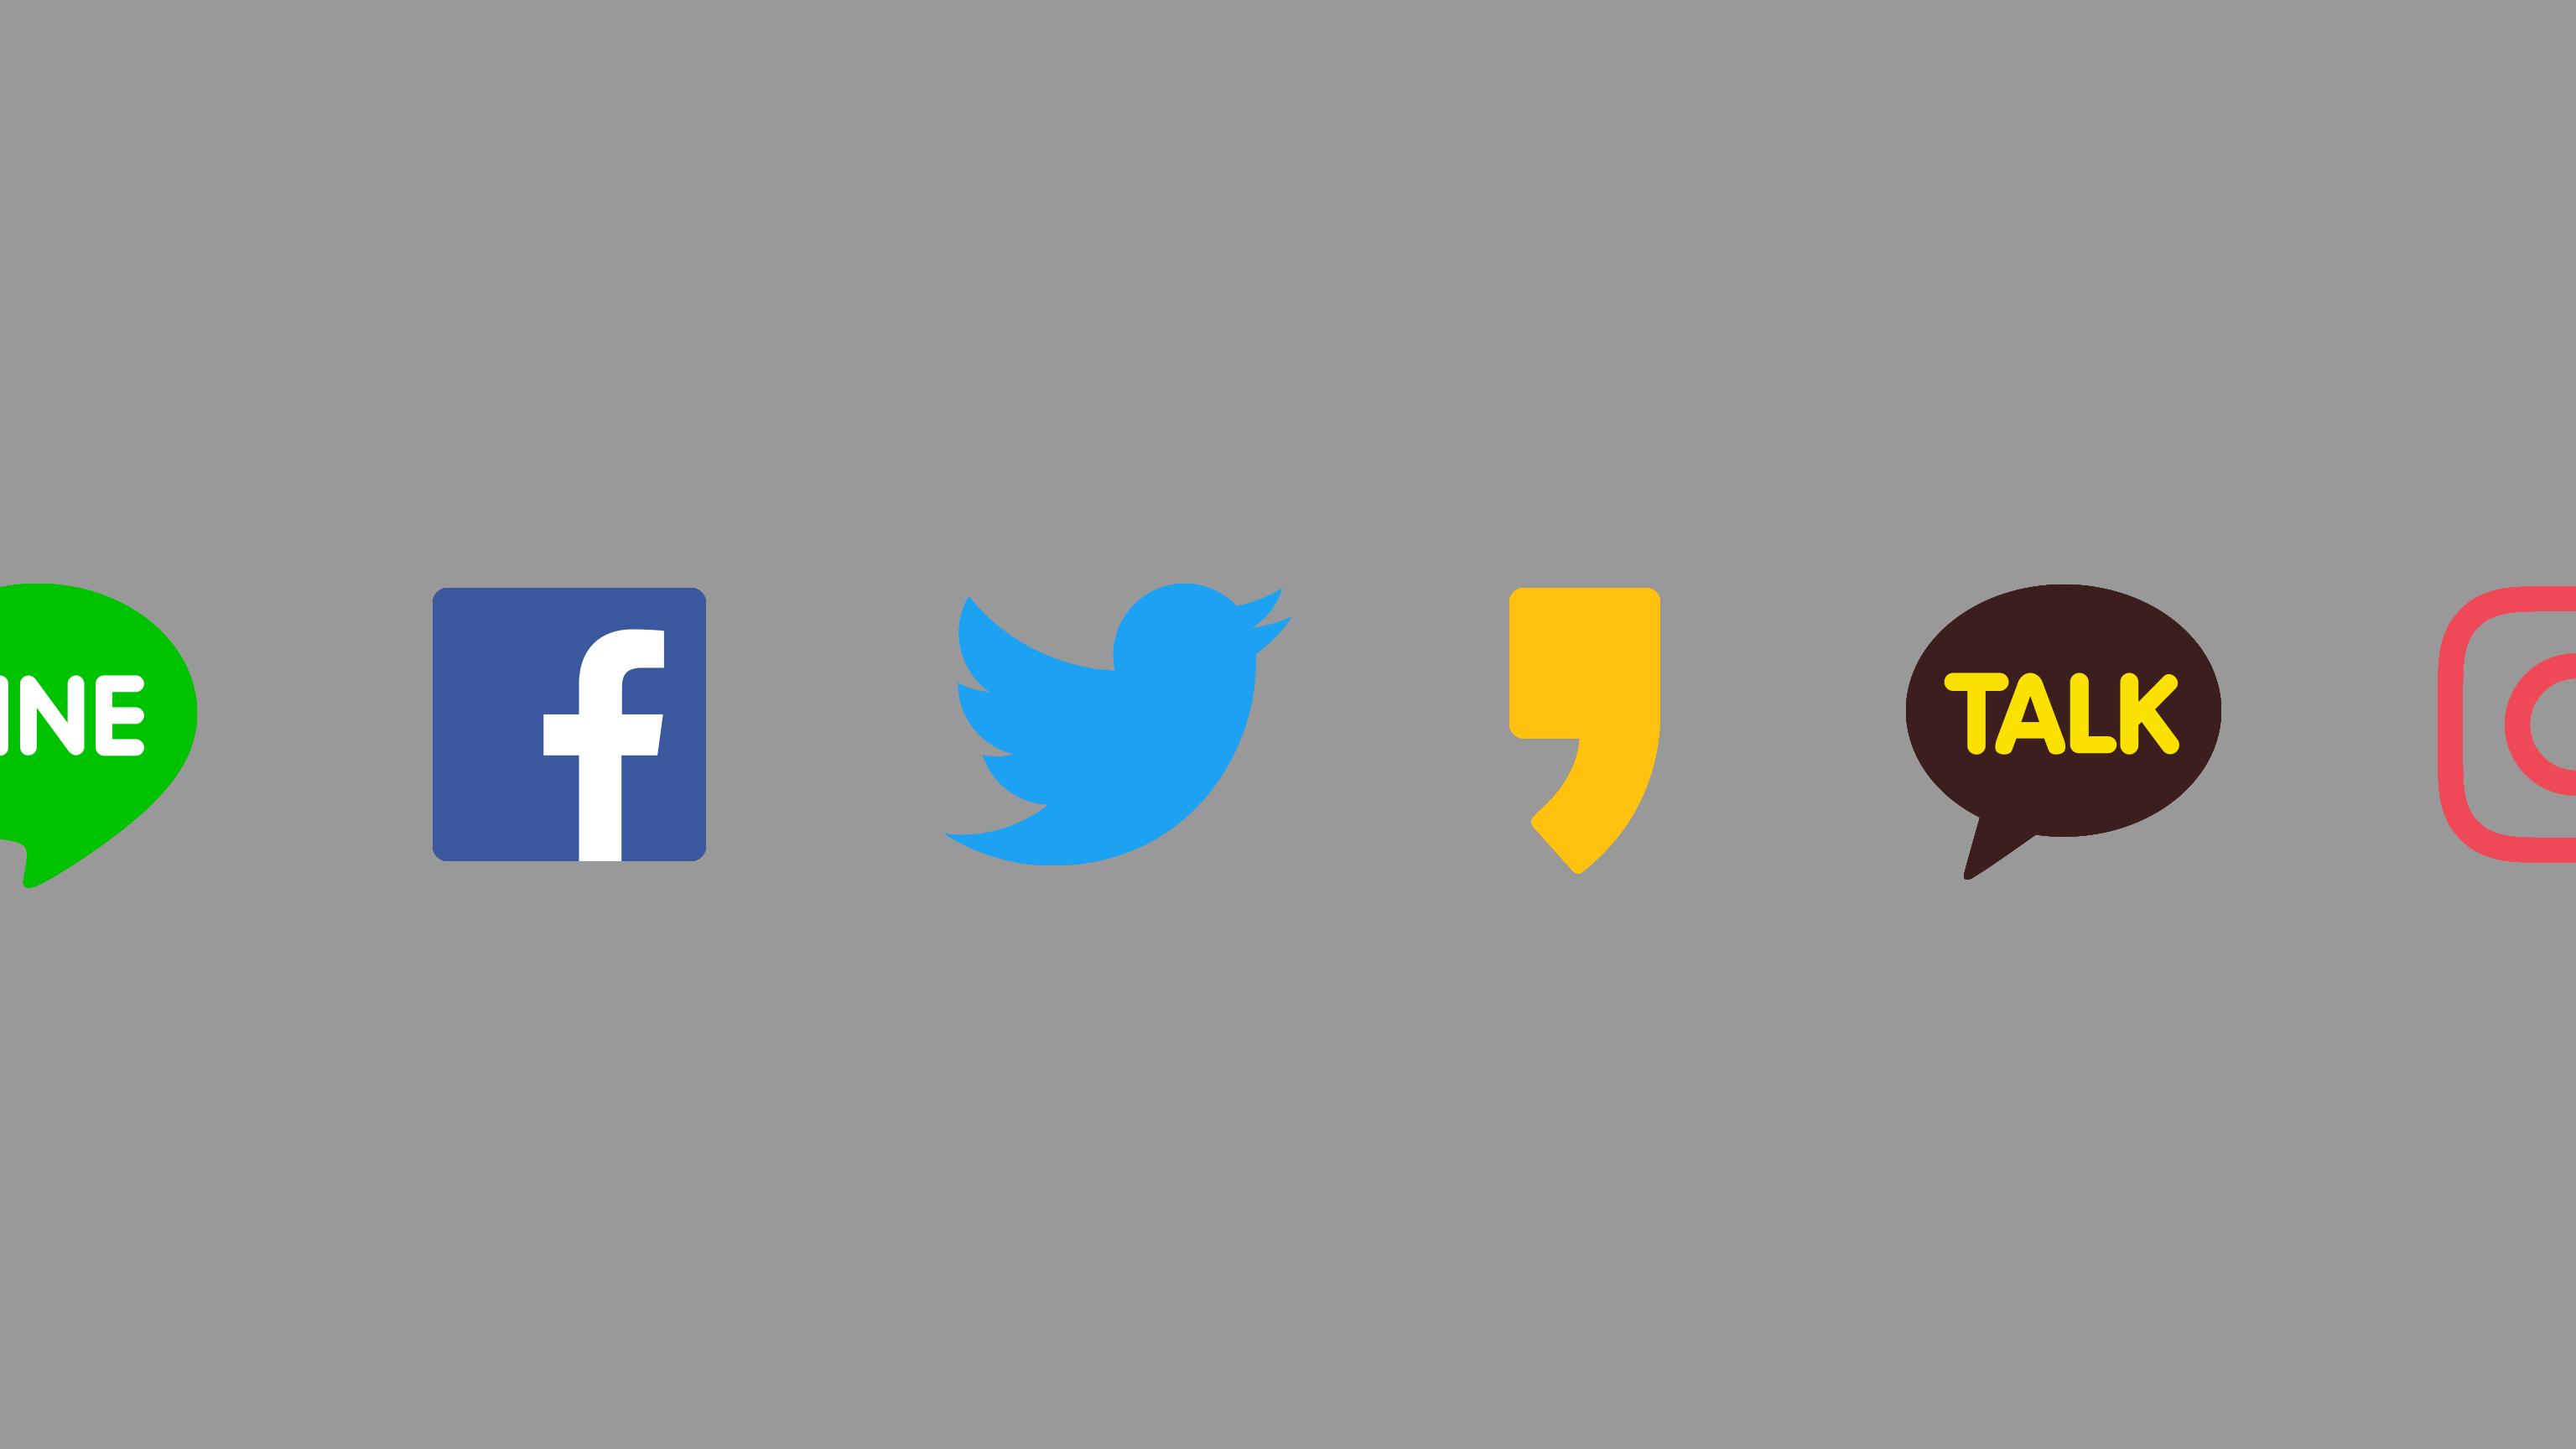 여러 종류의 소셜 네트워크 서비스